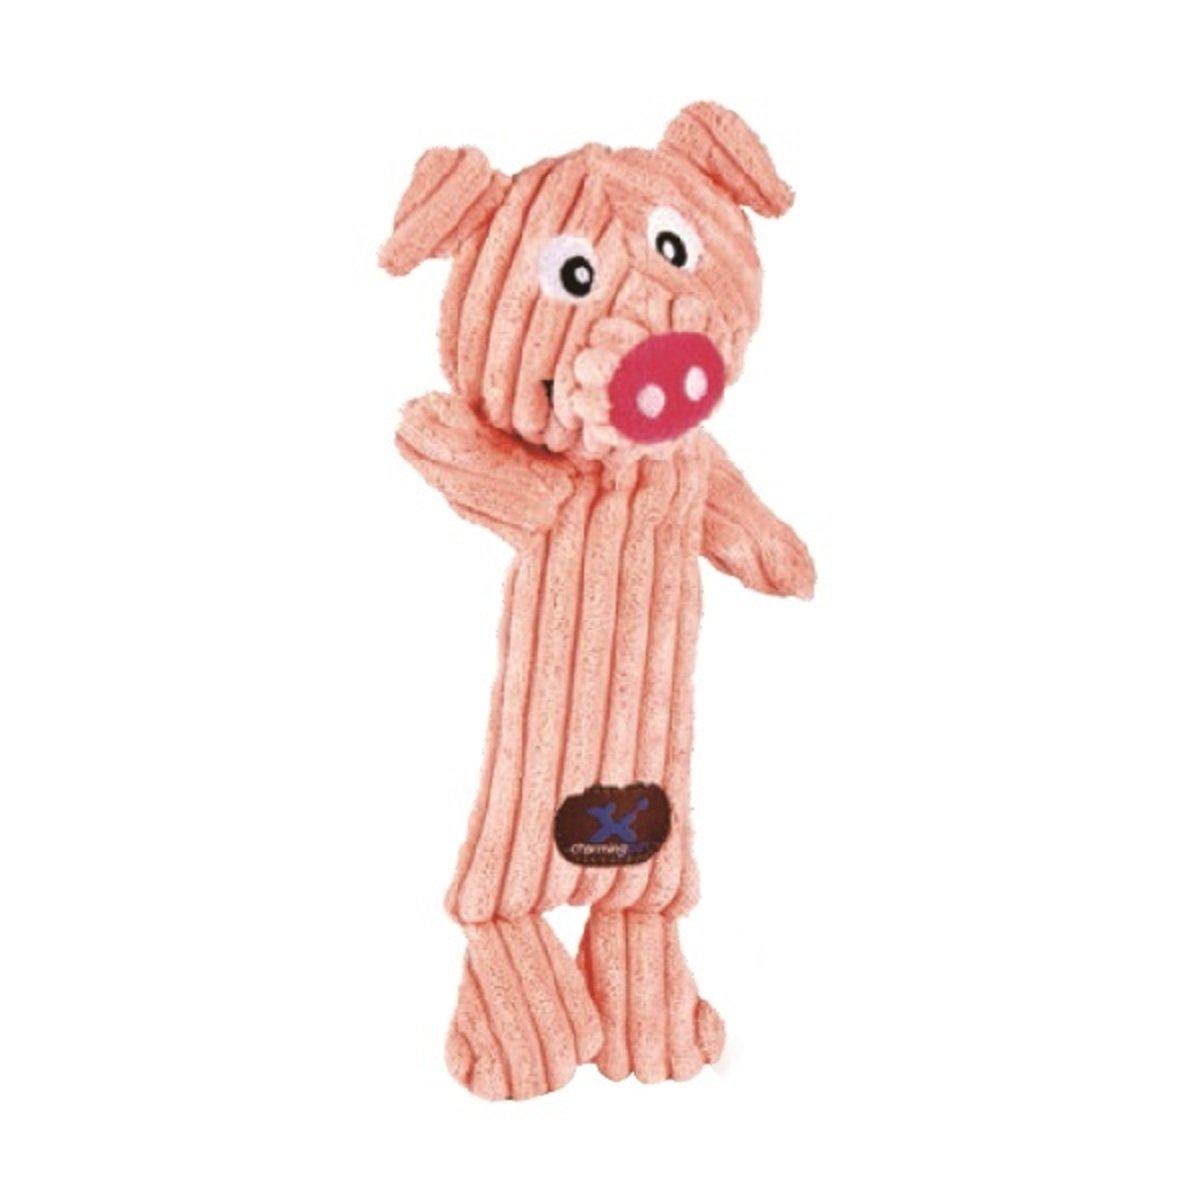 寵物大頭發聲玩具 ﹣豬